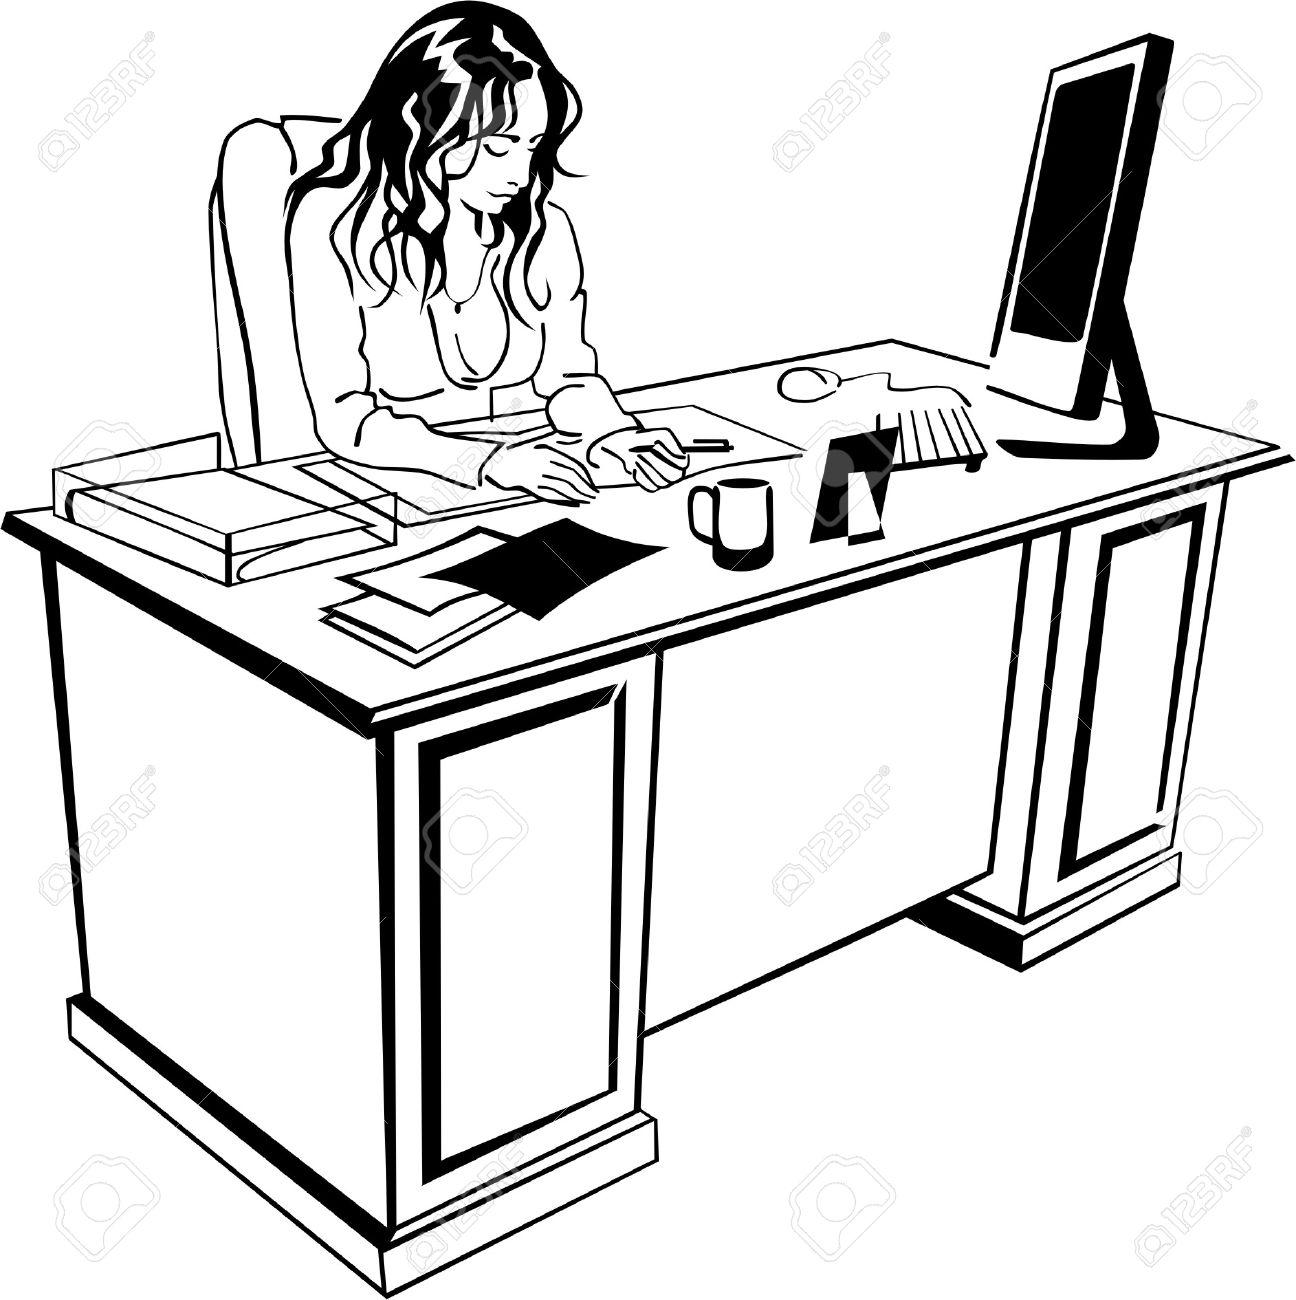 Schreibtisch büro clipart  Junges Mädchen Ist An Der Schreibtisch Lizenzfrei Nutzbare ...